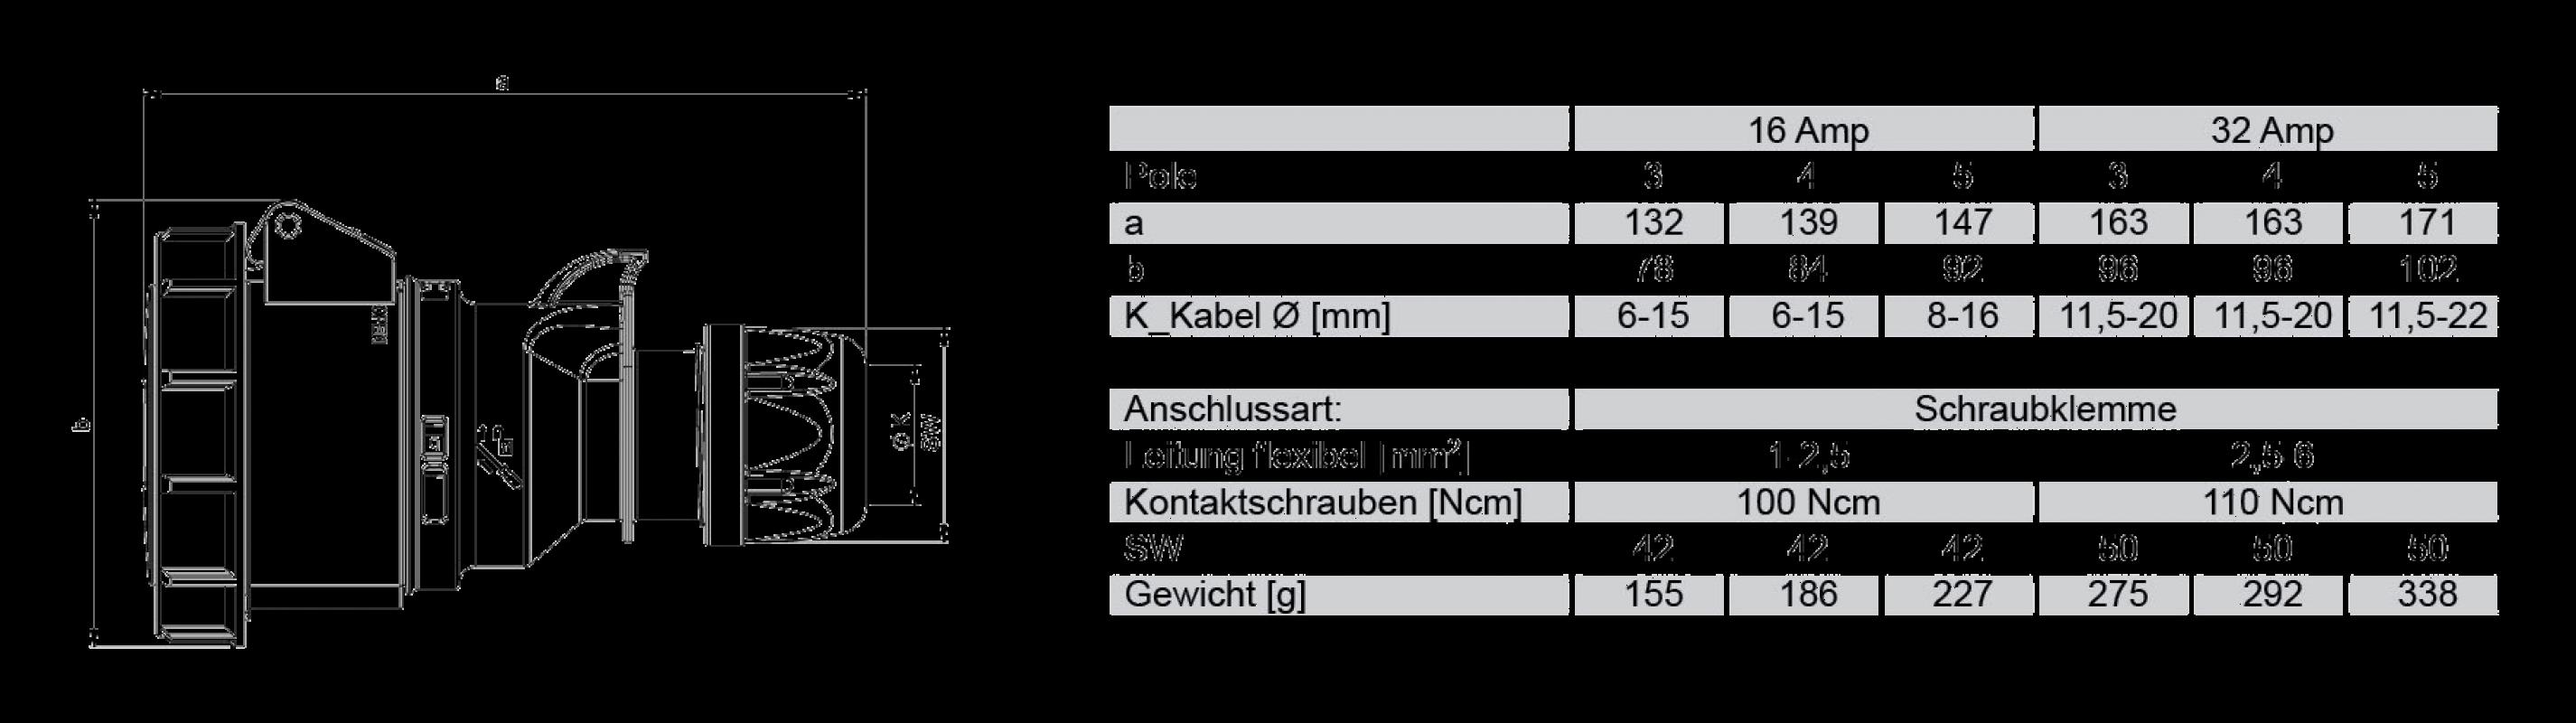 Розетка кабельная CEE 16А 400V 3P+N+E IP67 2152-6 PCE размеры